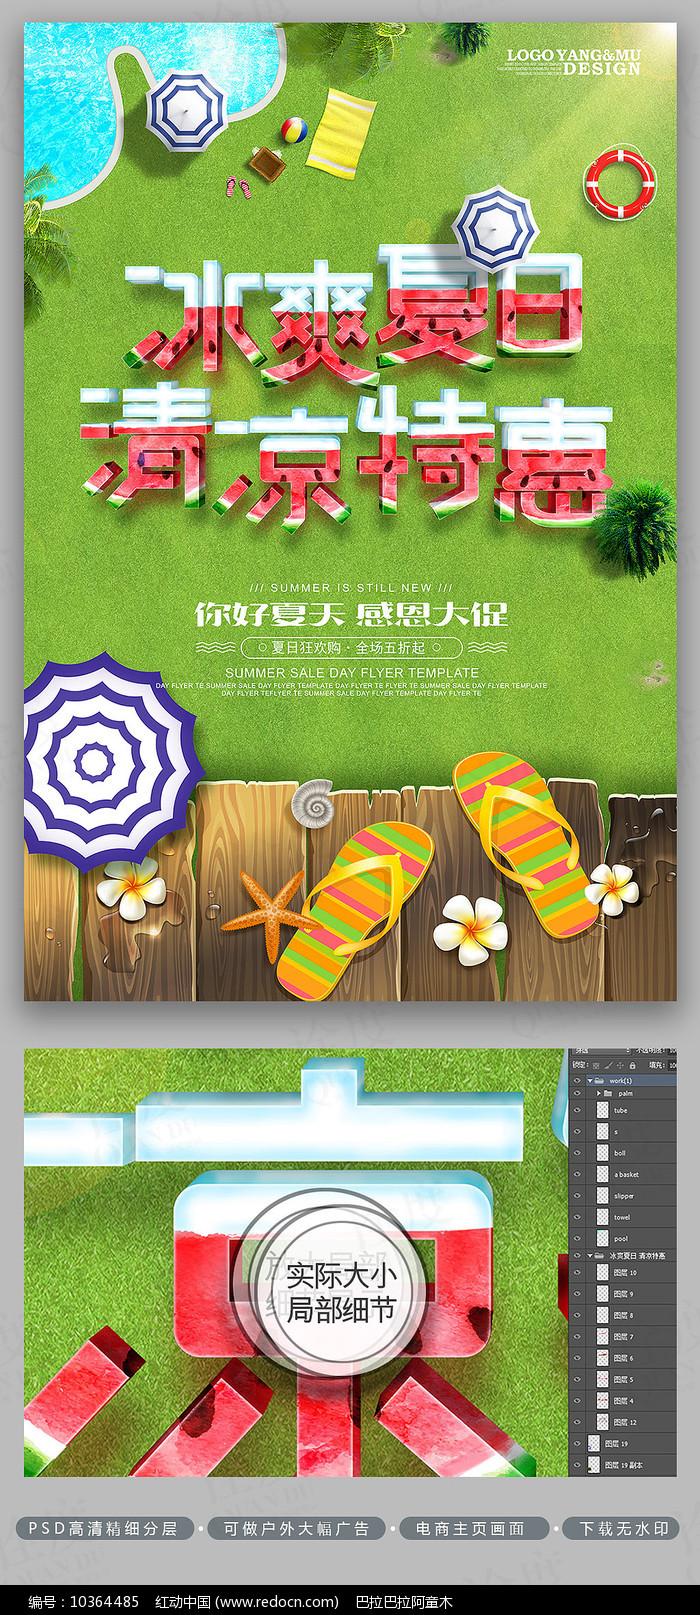 创意冰爽夏日清凉特惠商场夏季促销海报图片